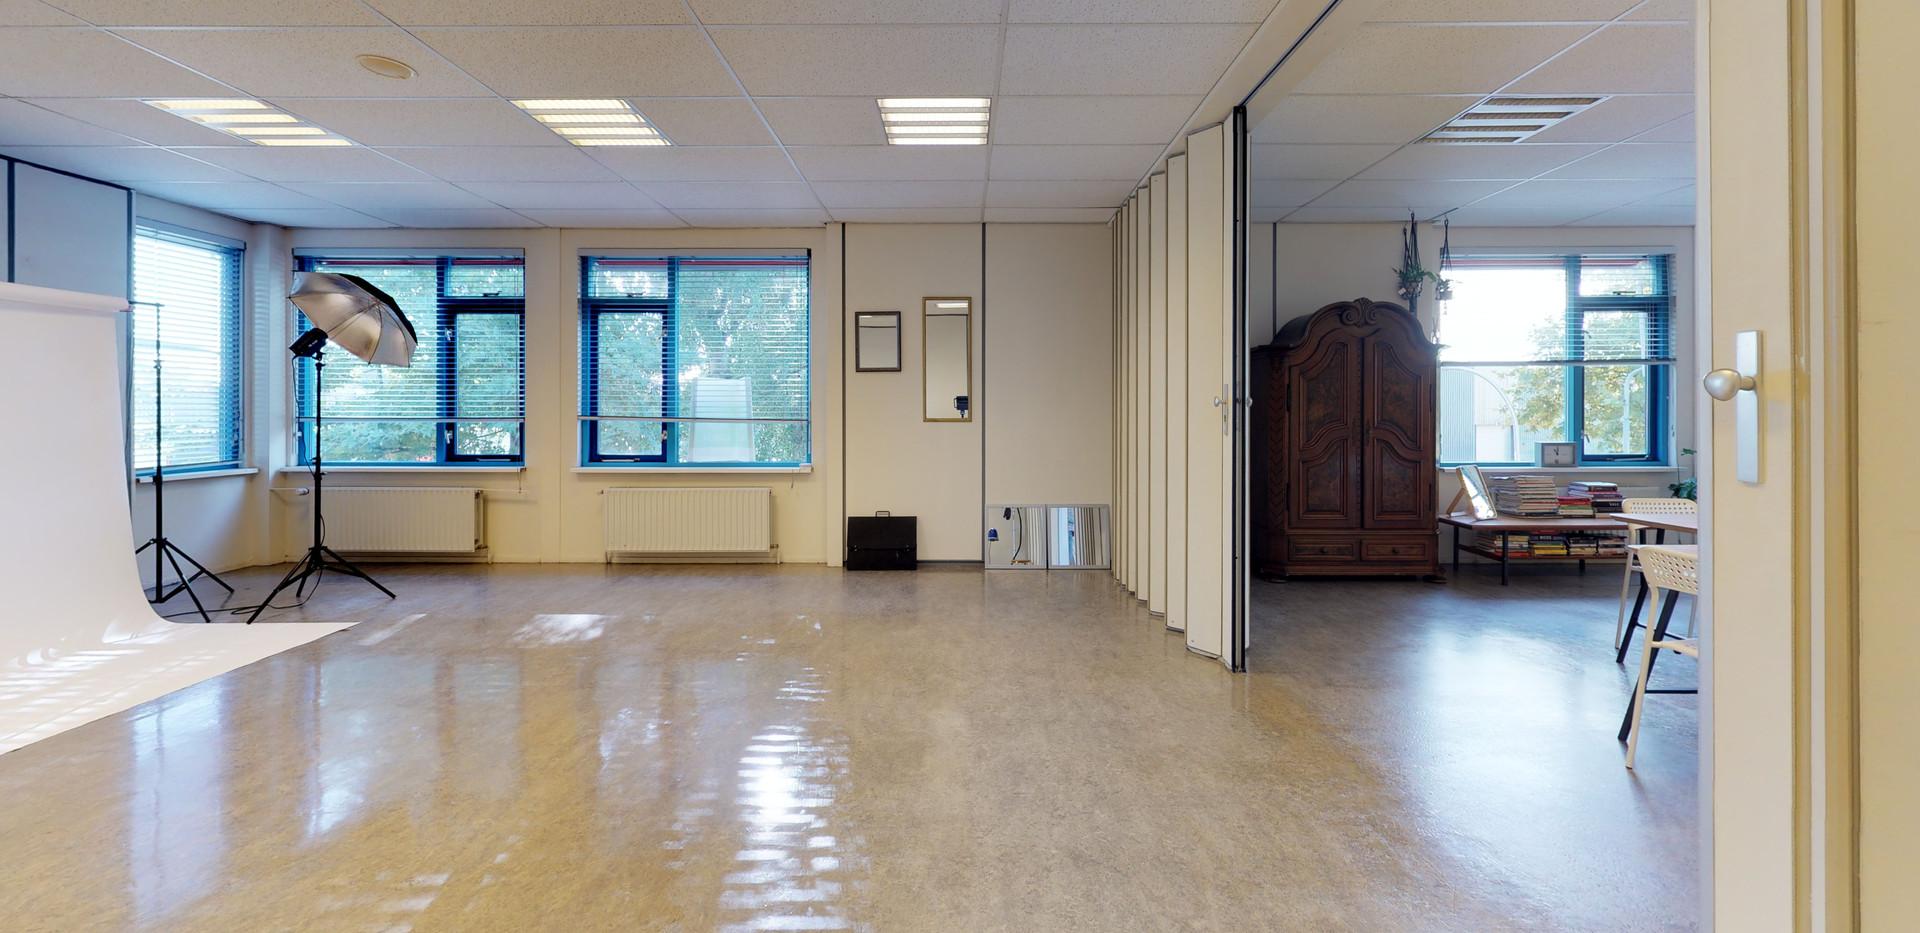 Spoordijk-17-Utrecht-Photo-3.jpg